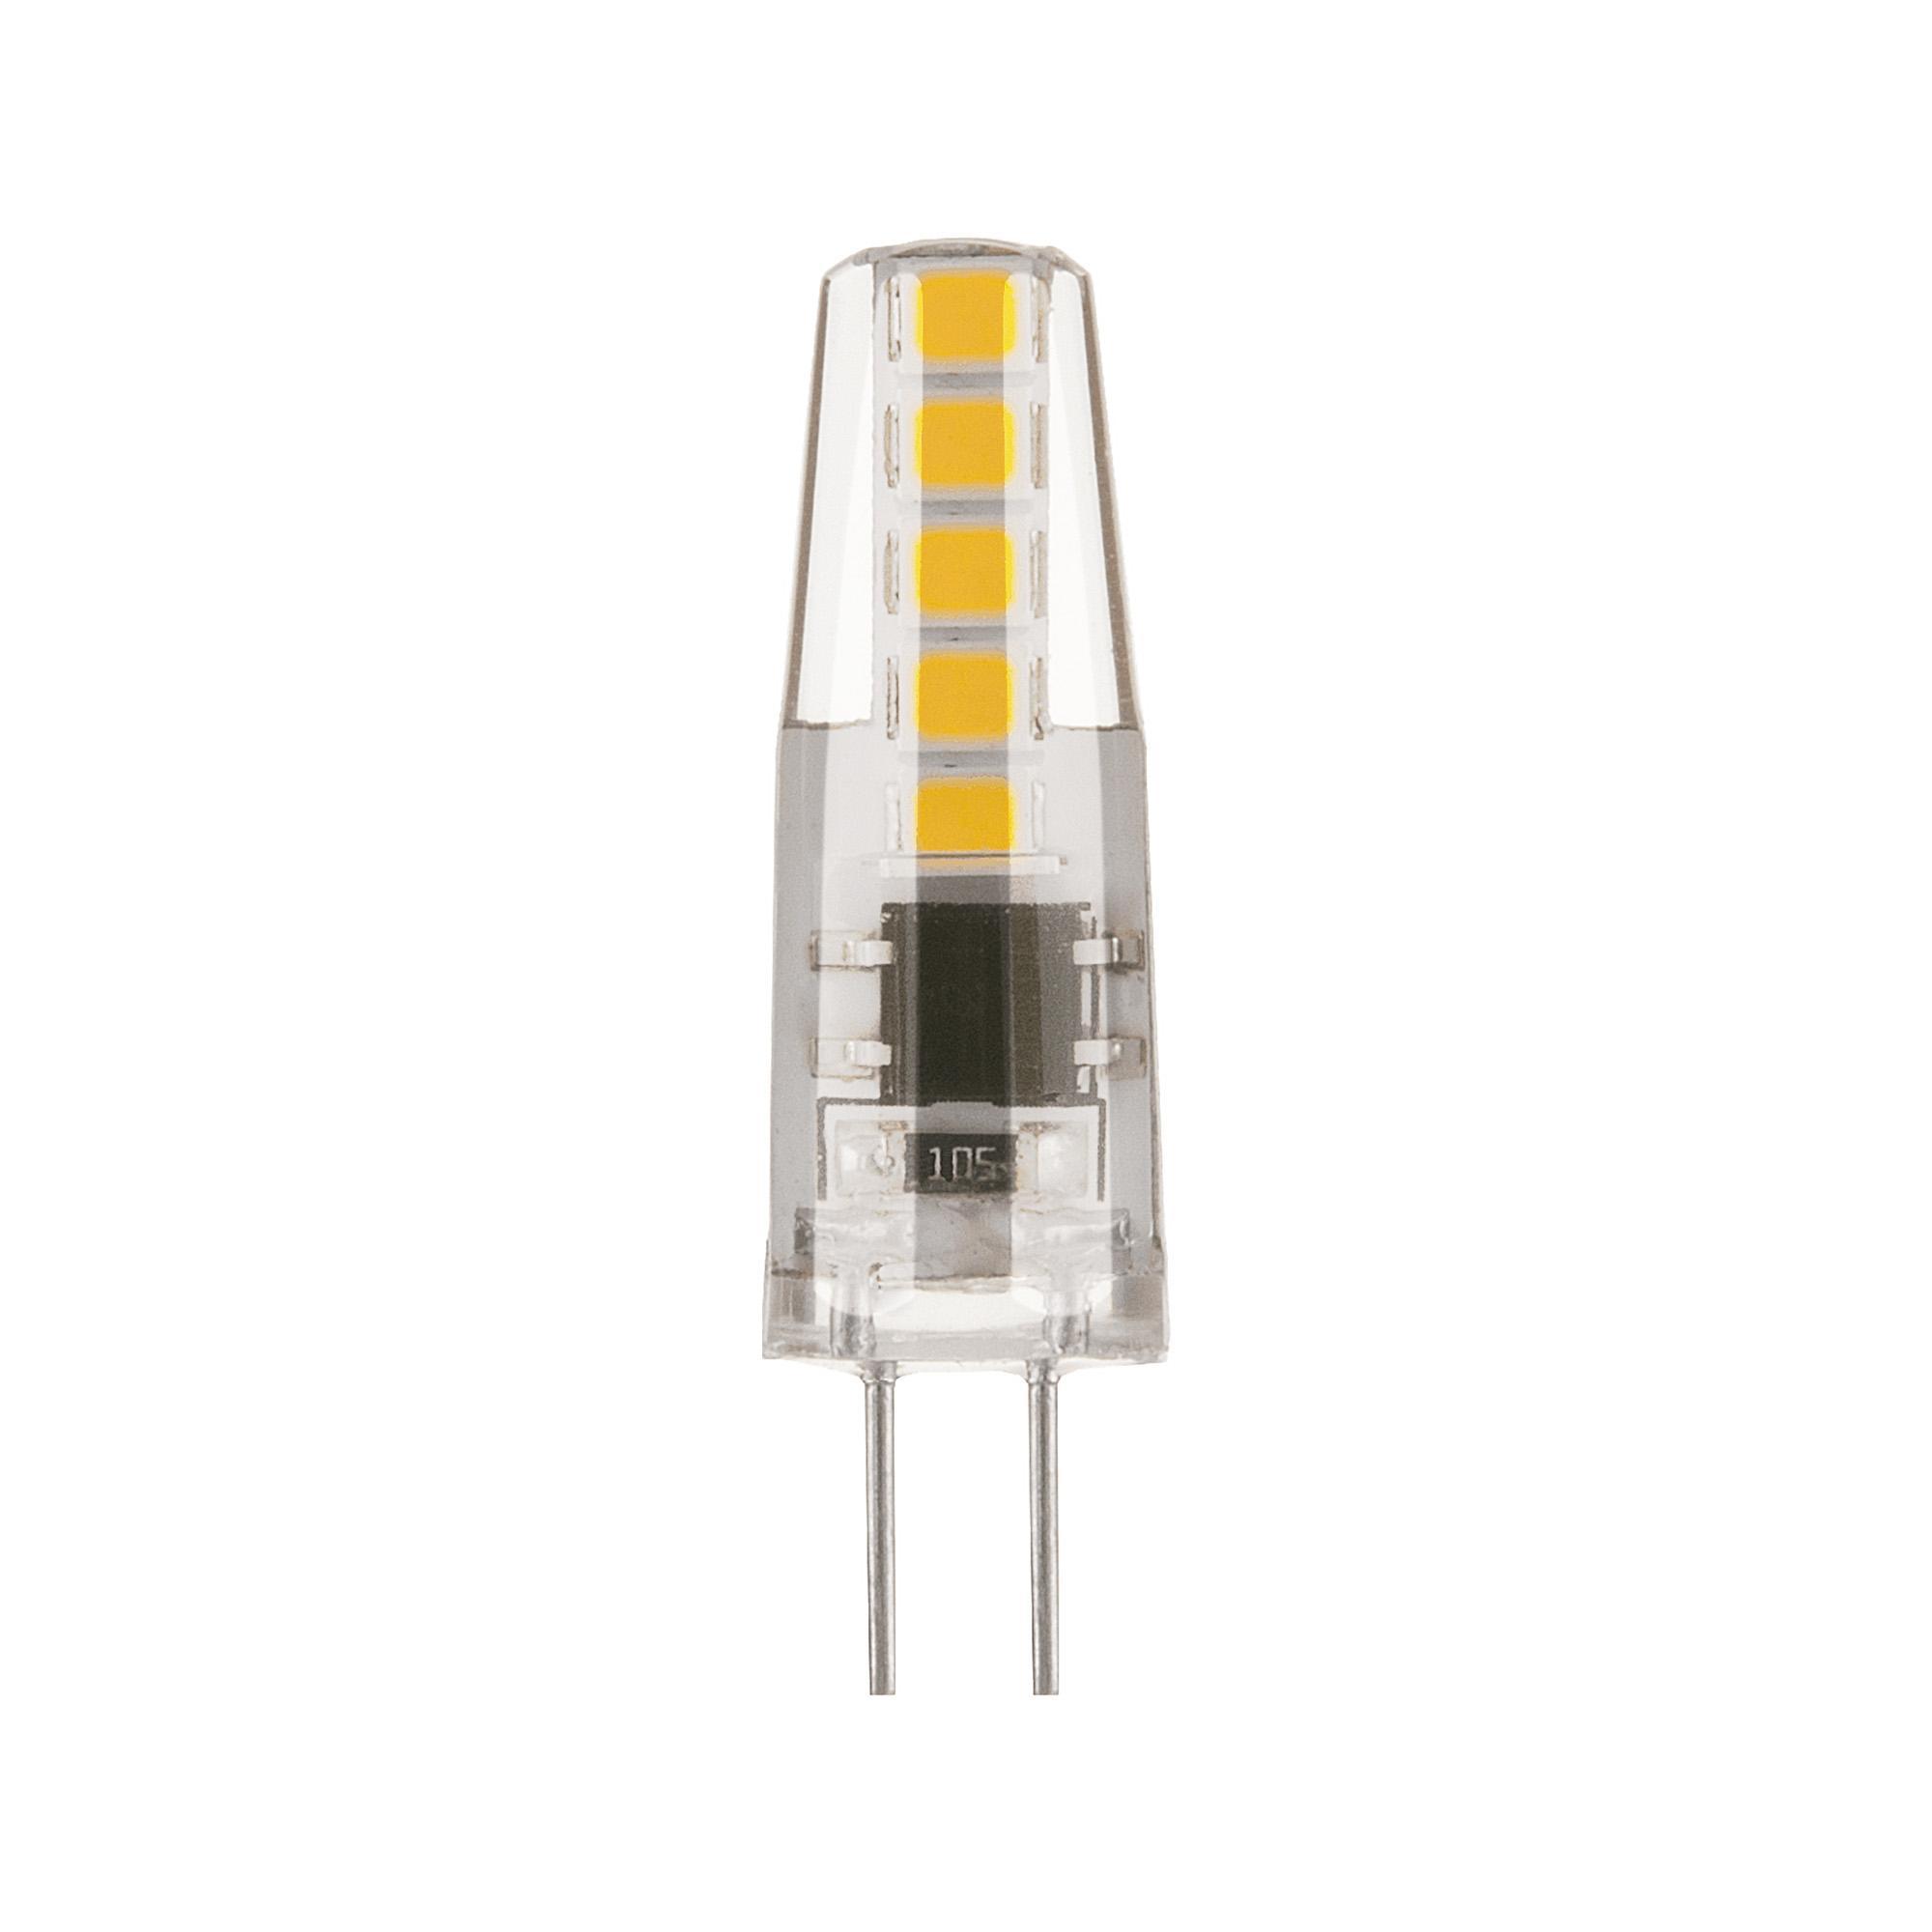 G4 LED BL123 3W 220V 360° 3300K